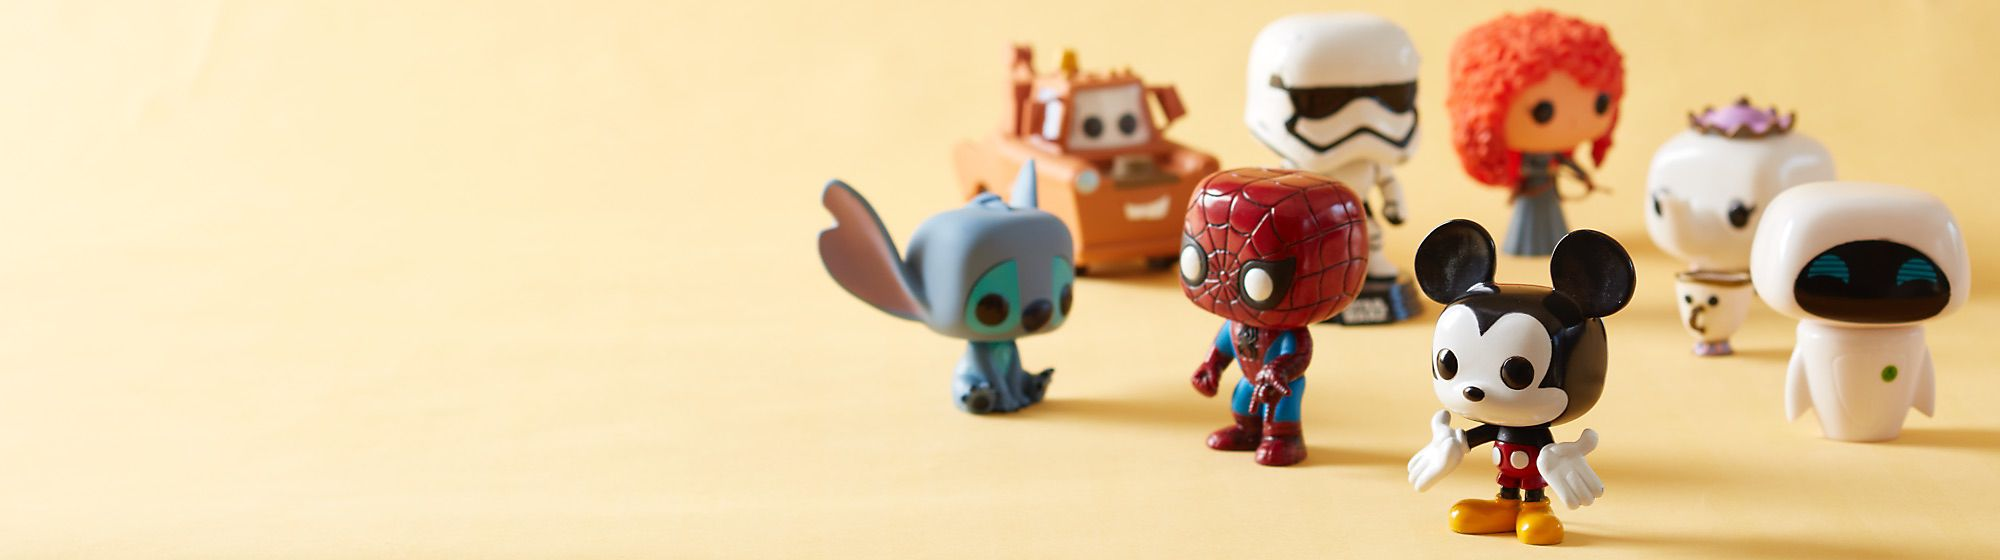 Vinylfiguren Entdecke unsere Auswahl an Disney Pop! Vinylfiguren! Wir haben deine Disney Favoriten aus Serien wie Iron Man, Spider-Man, Star Wars und mehr.